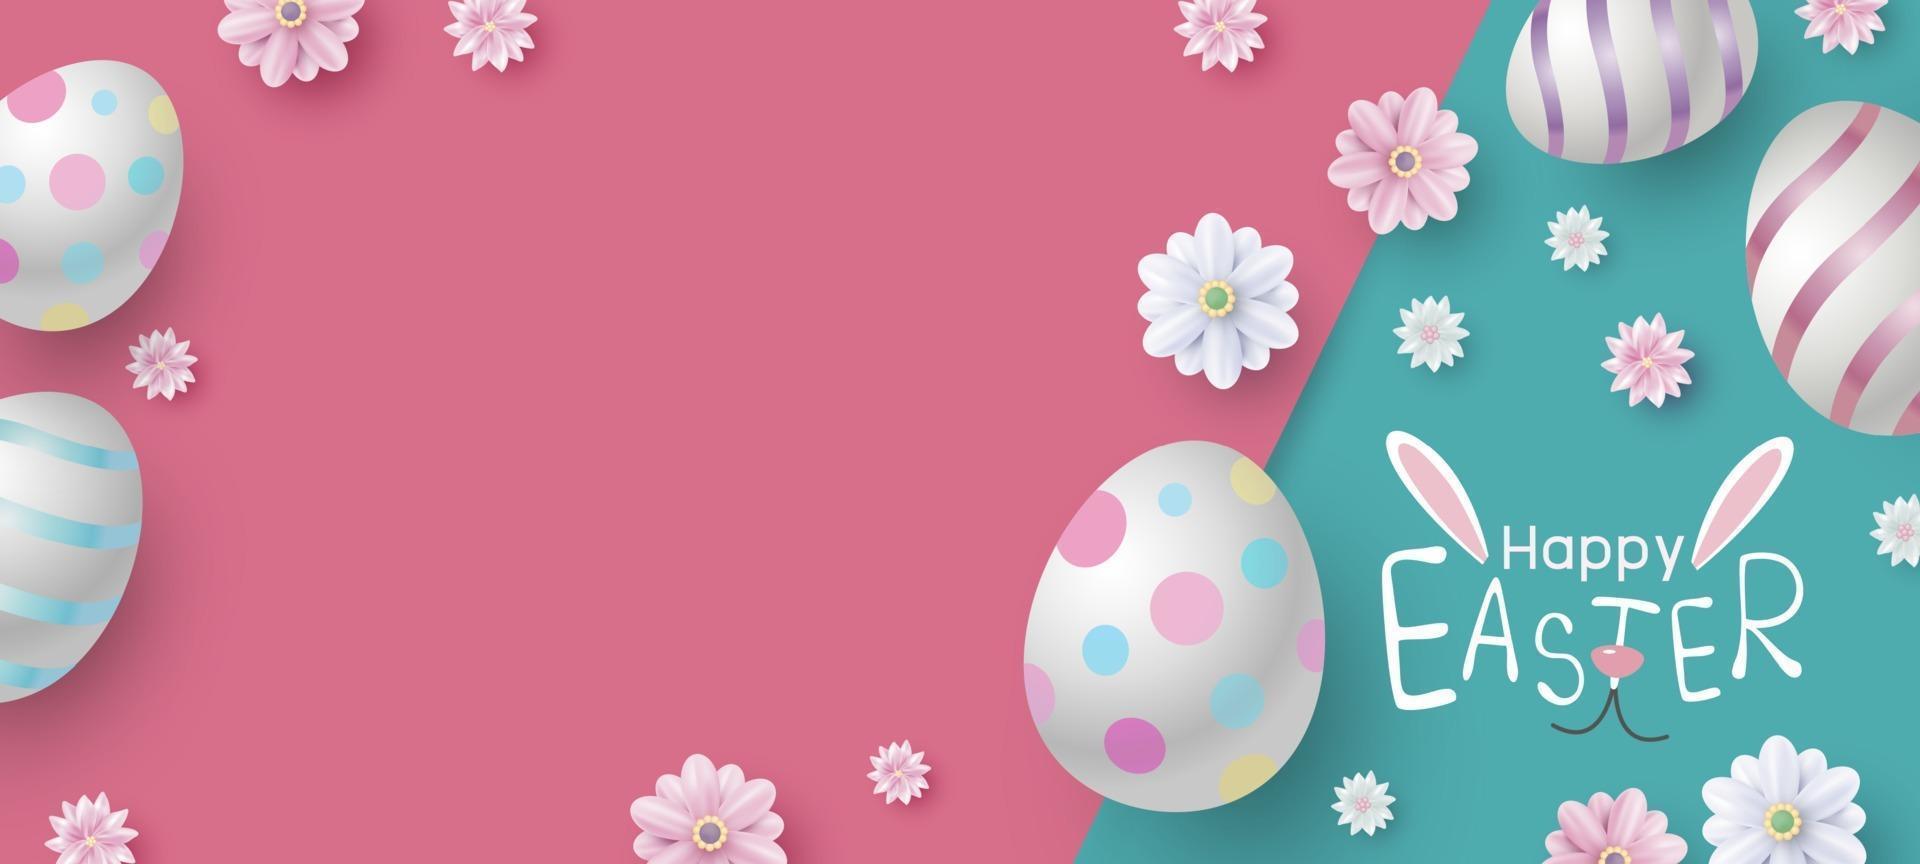 Ostern Banner Design von Eiern und Blumen auf Farbpapier Vektor-Illustration vektor